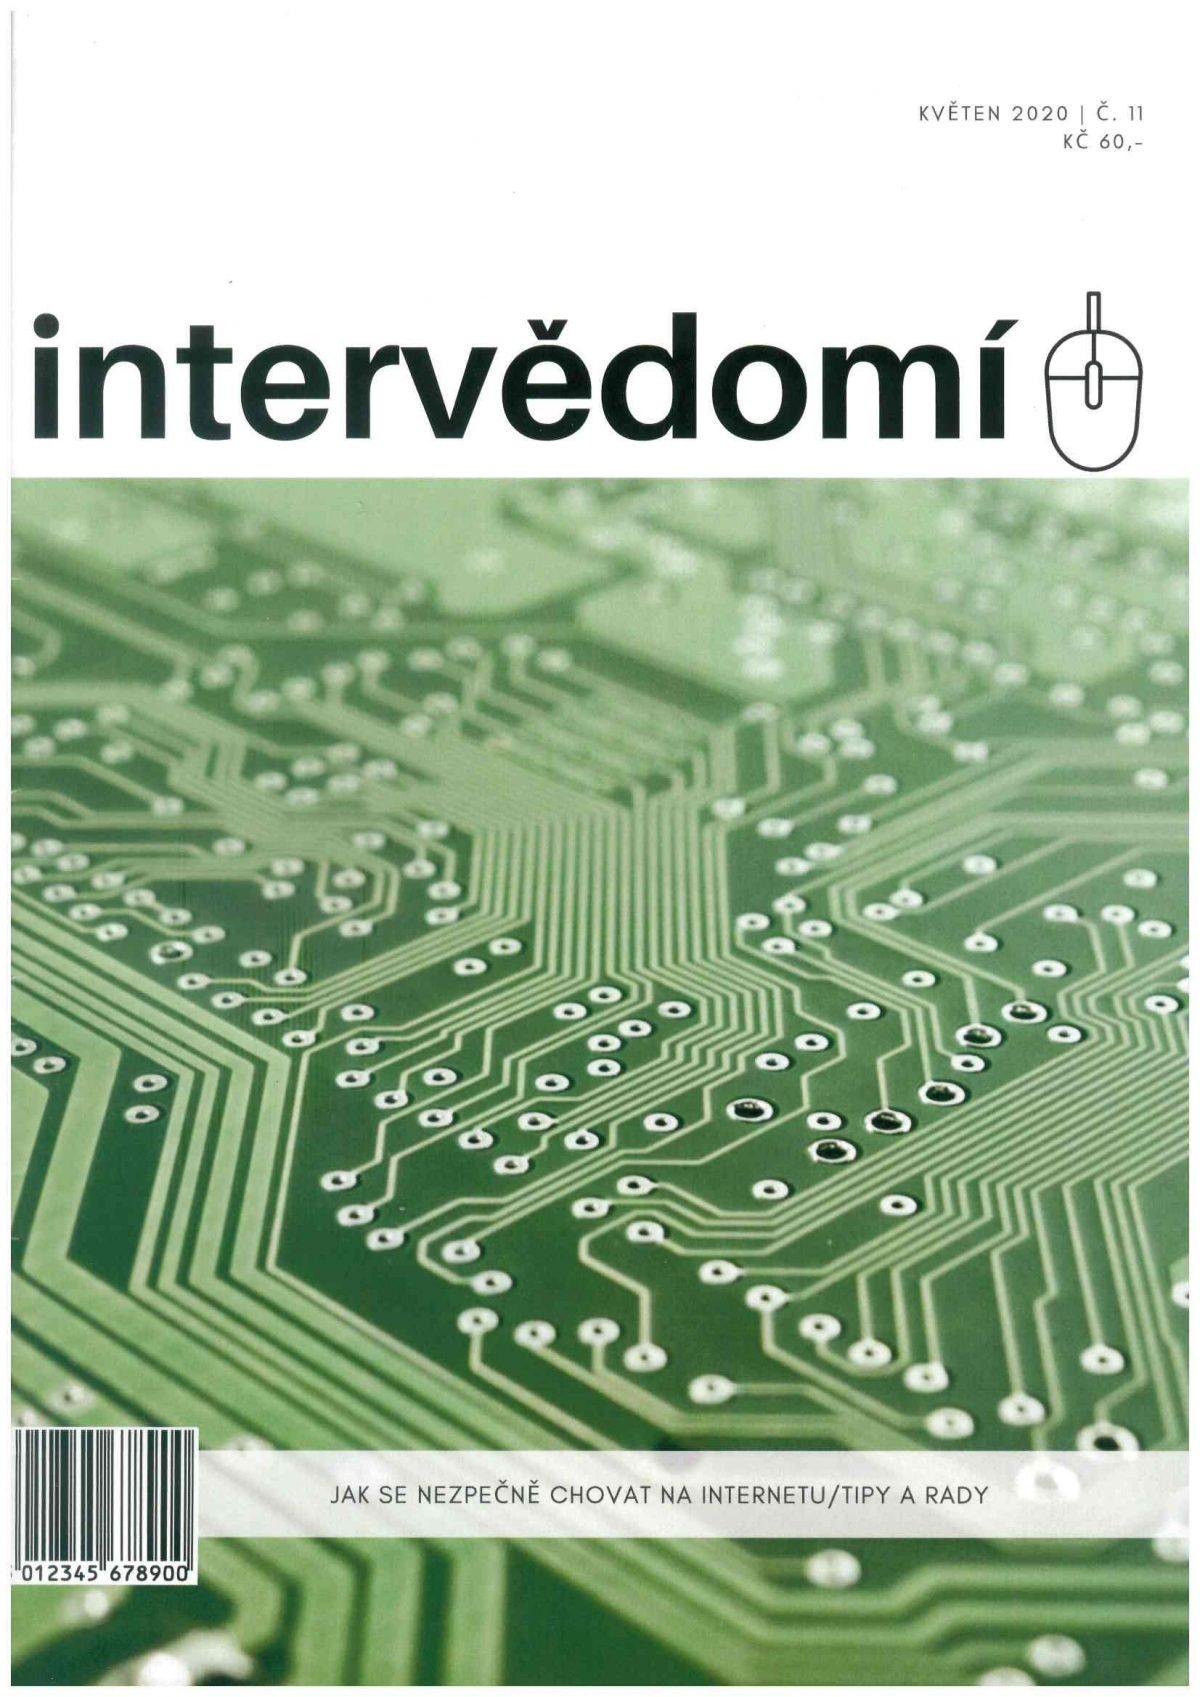 Titulní strana soutěžního časopisu intervedomi